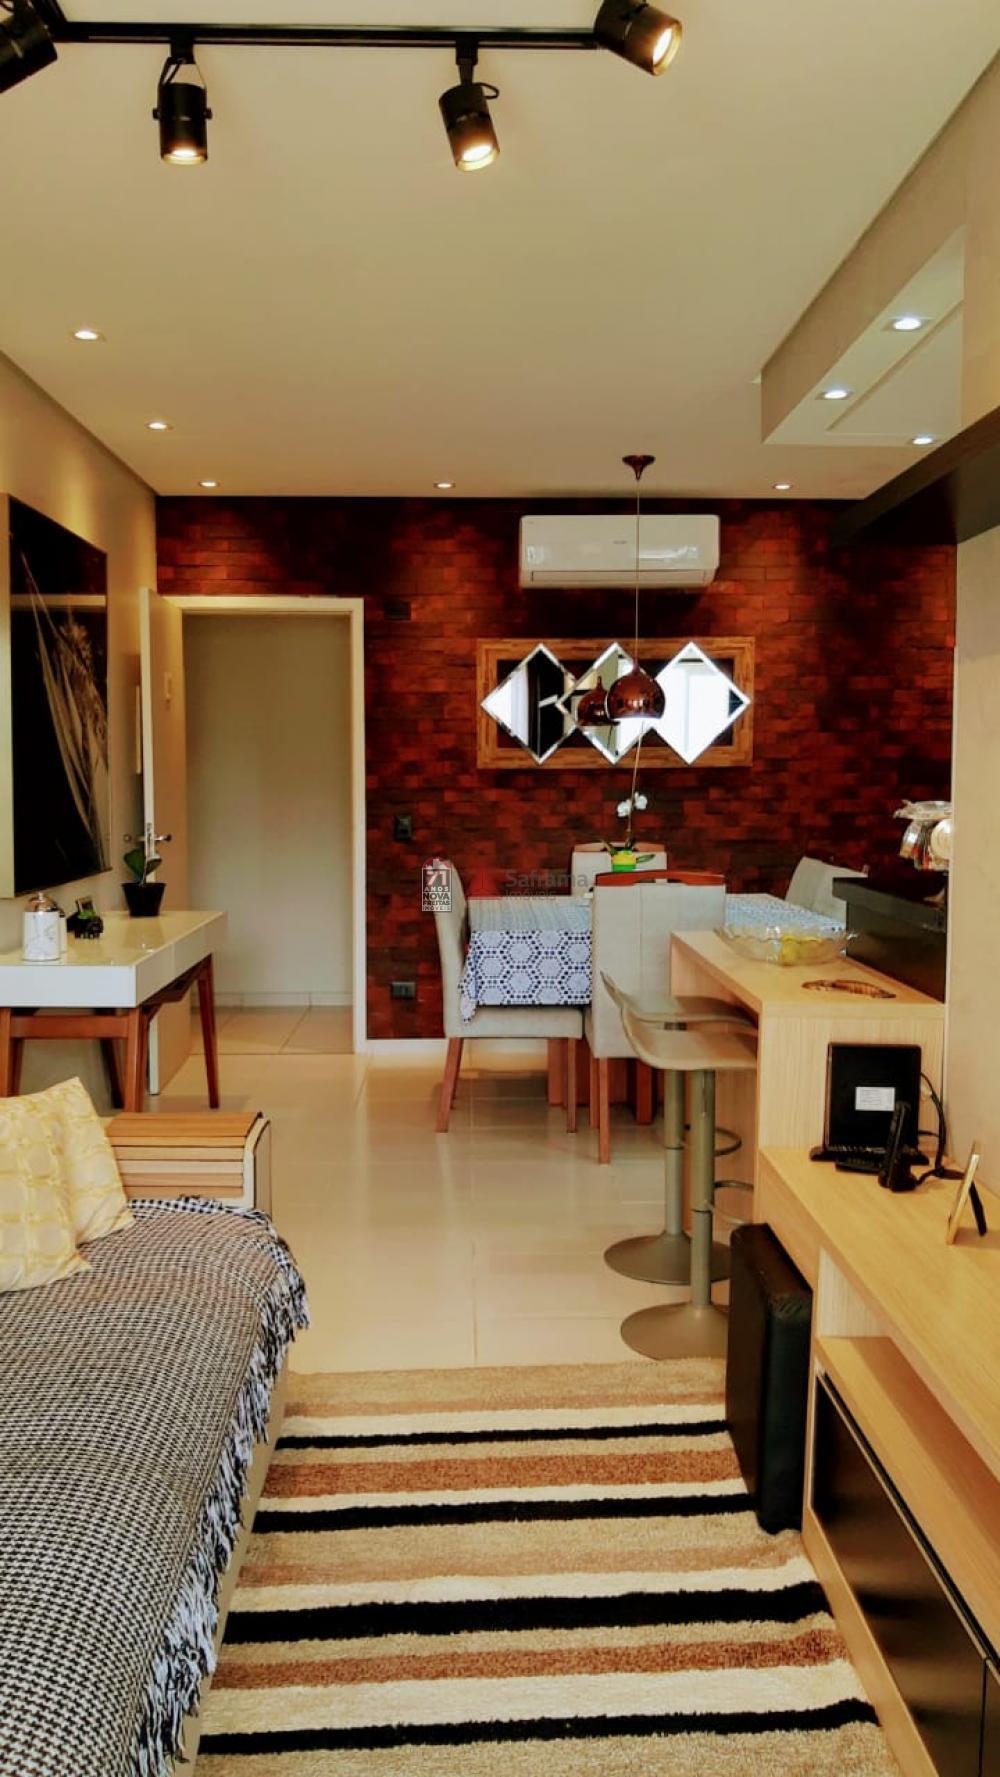 Comprar Apartamento / Padrão em Caraguatatuba apenas R$ 310.000,00 - Foto 1